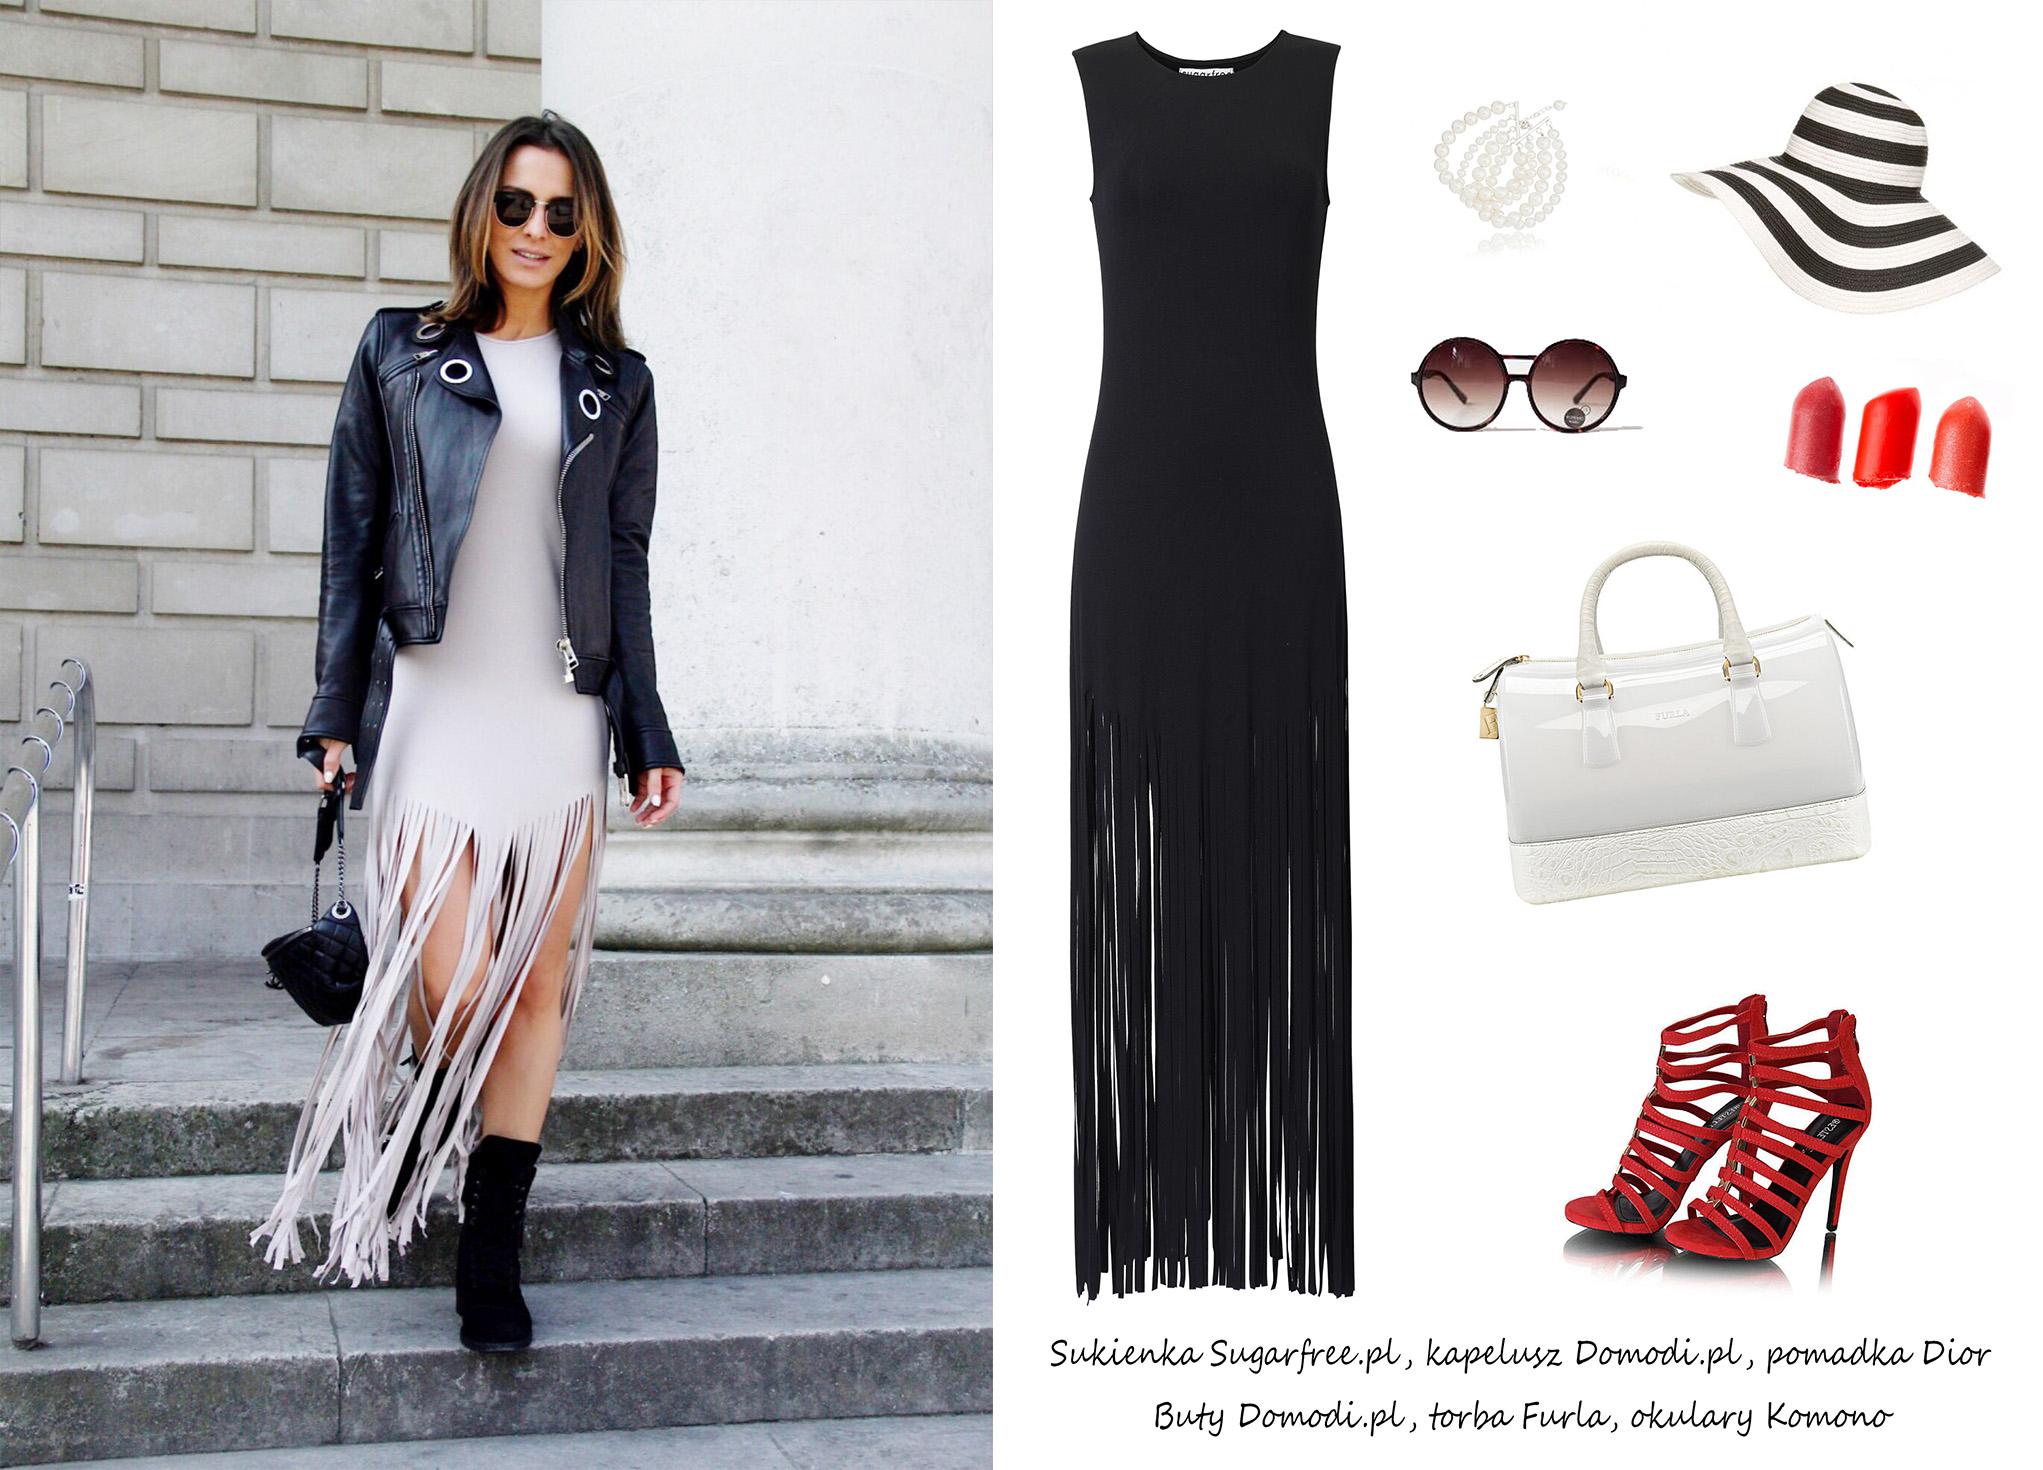 Moda Damska Stylizacje  Maxi sukienki na lato z instagrama!